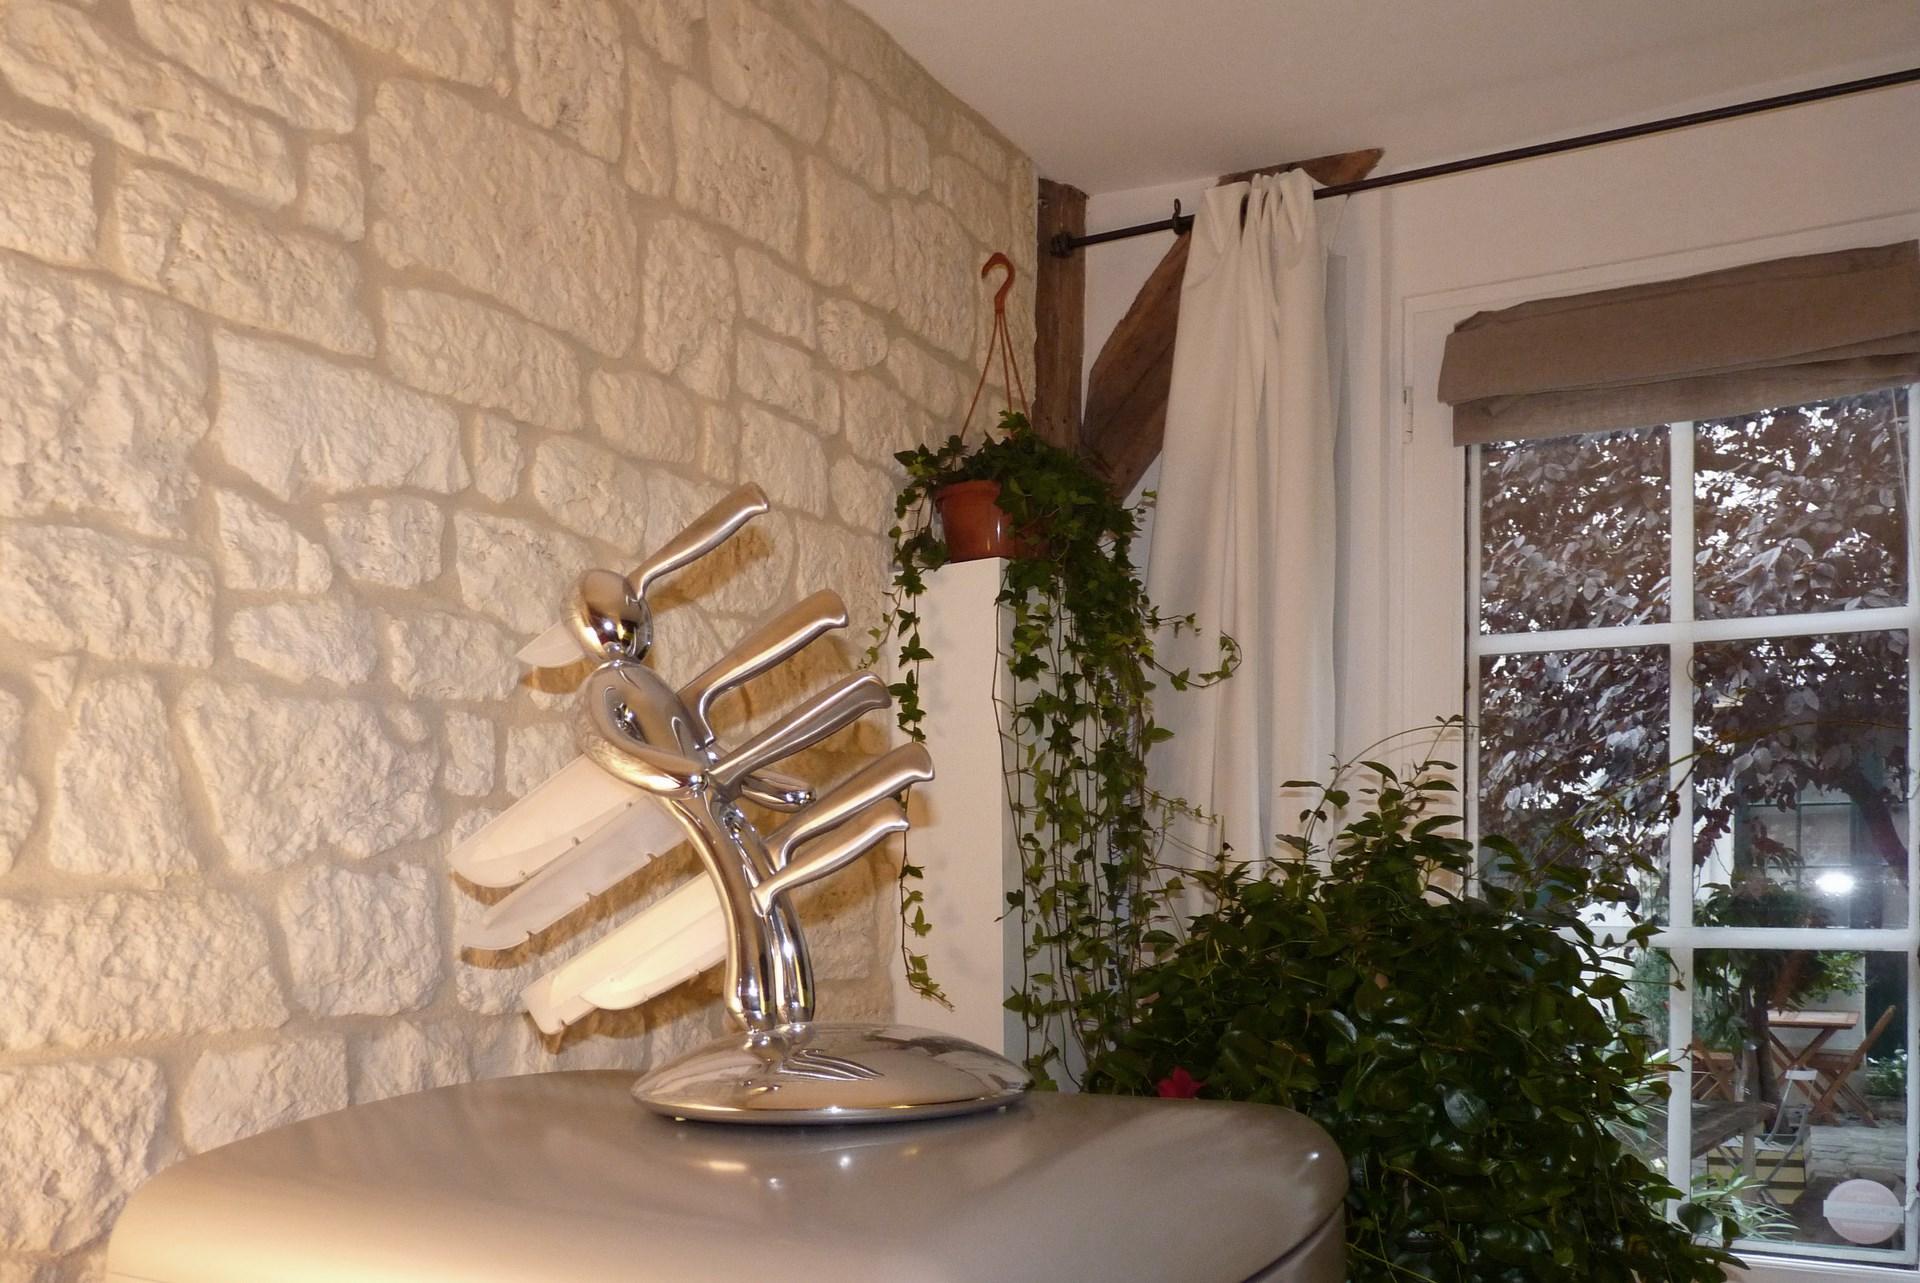 petits espaces studio ancien couvent decoration agence avous